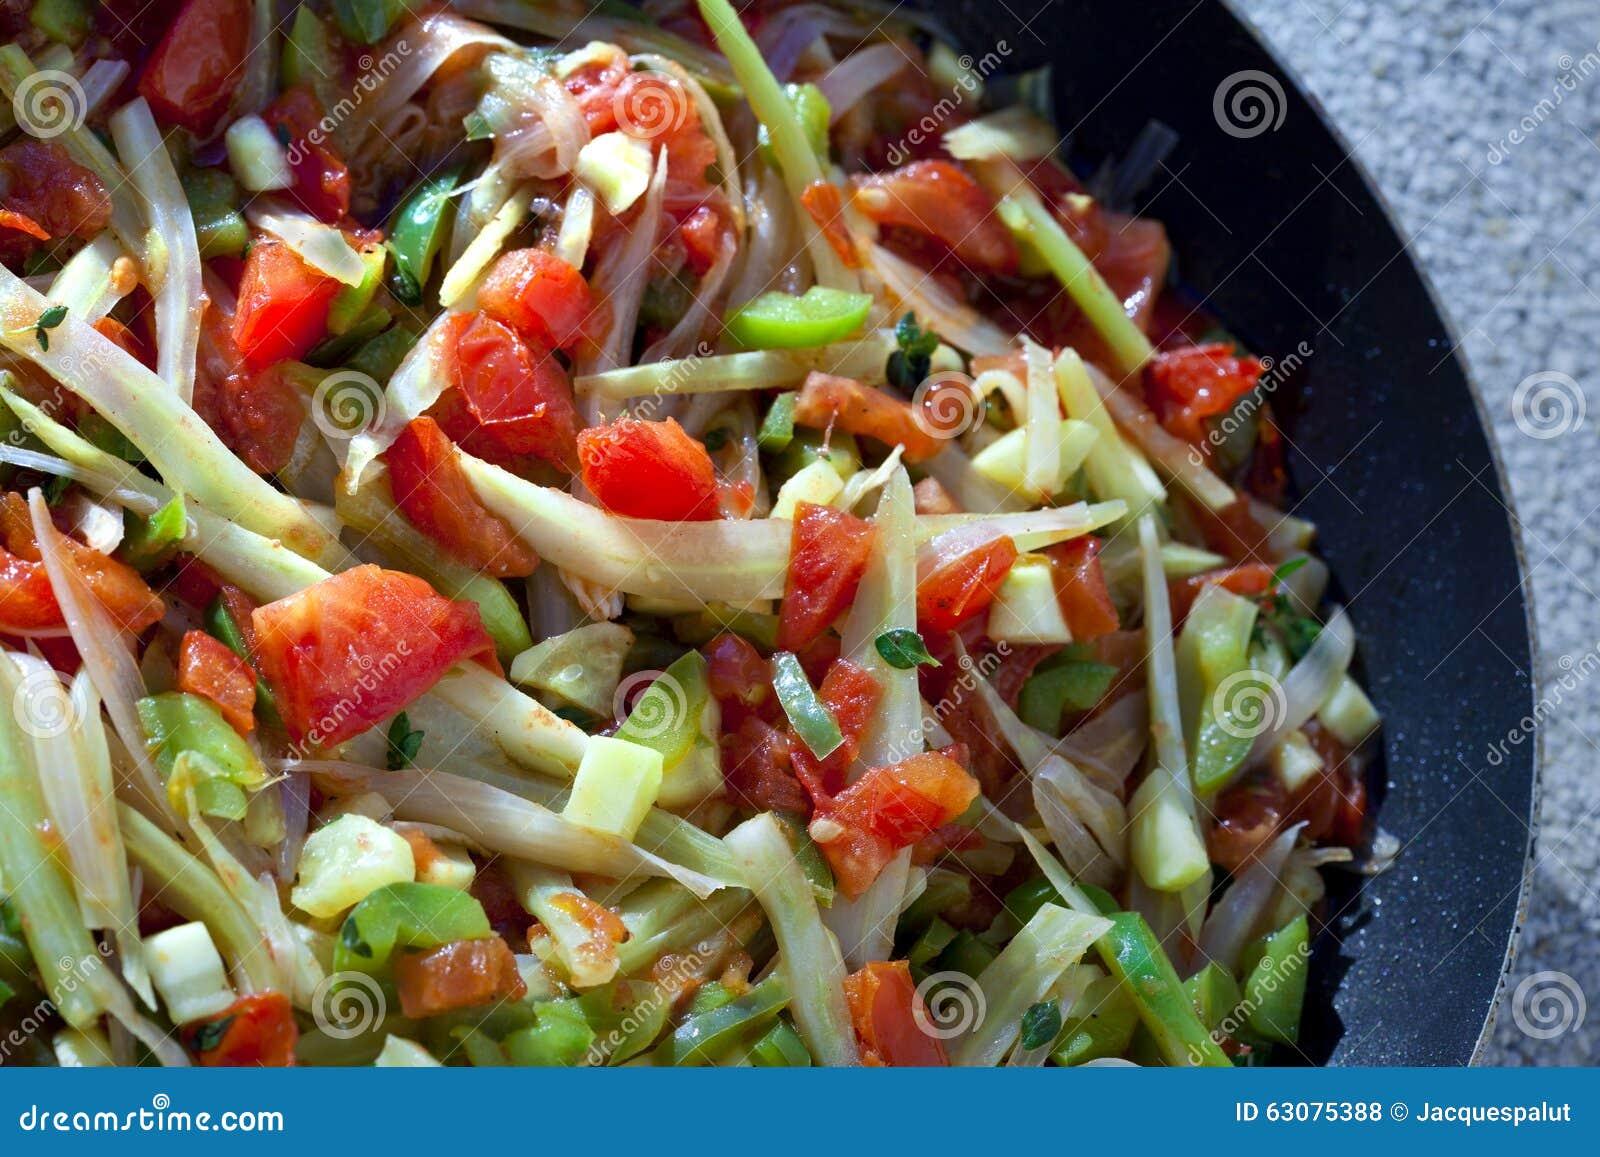 Download Légume sur une casserole photo stock. Image du appétissant - 63075388